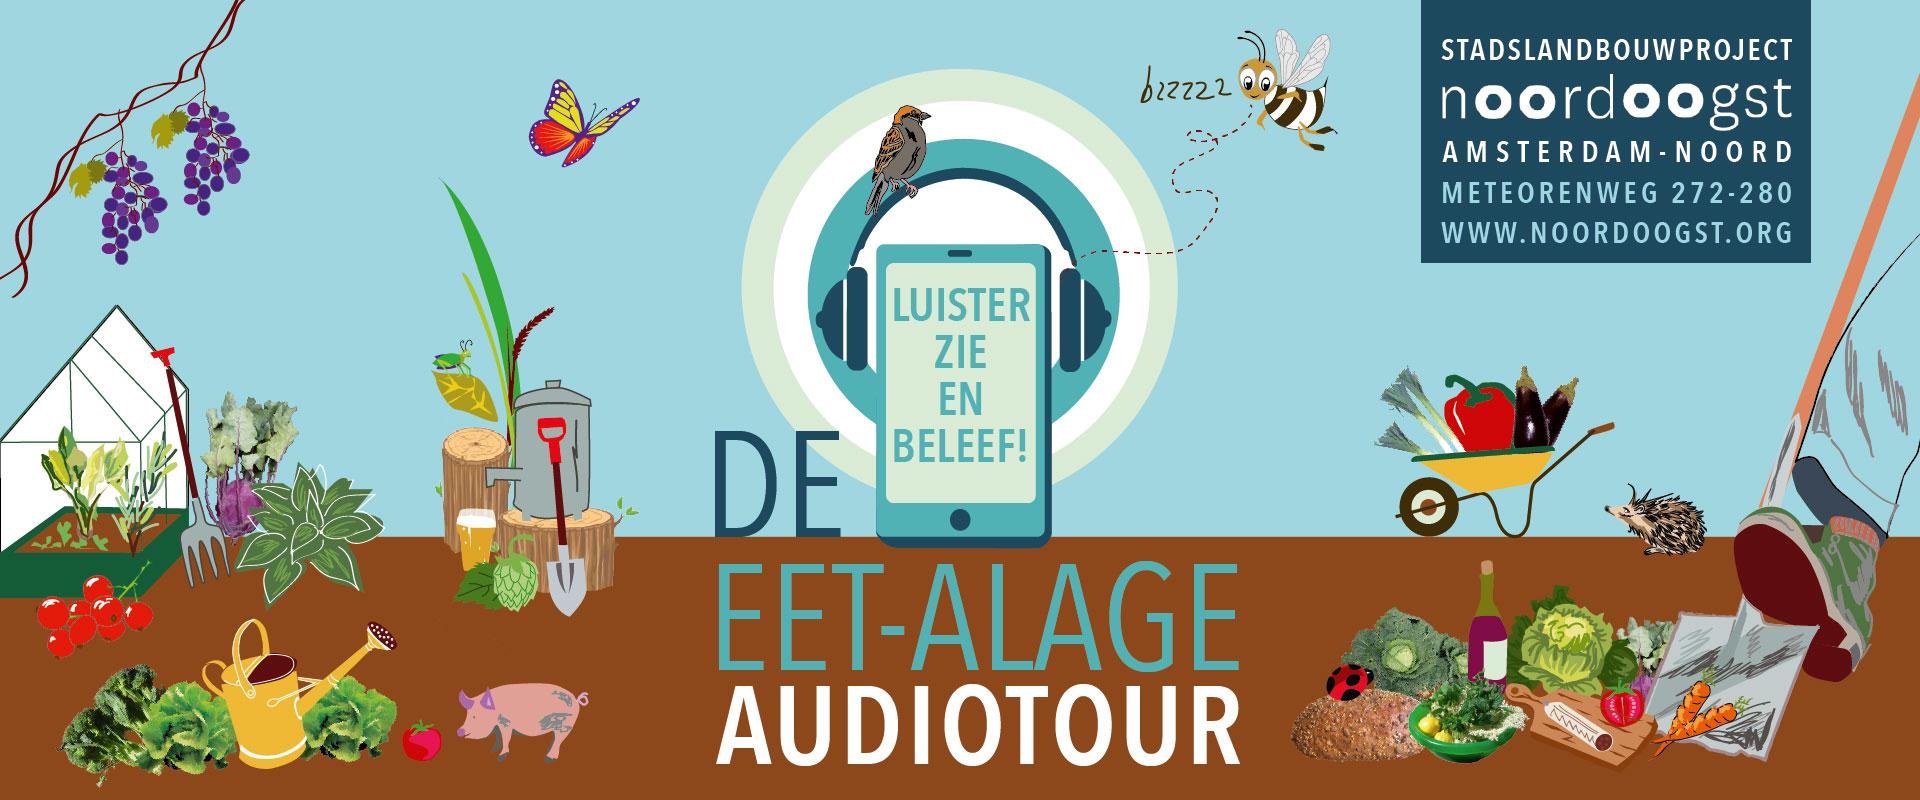 eet-alage audiotour banner